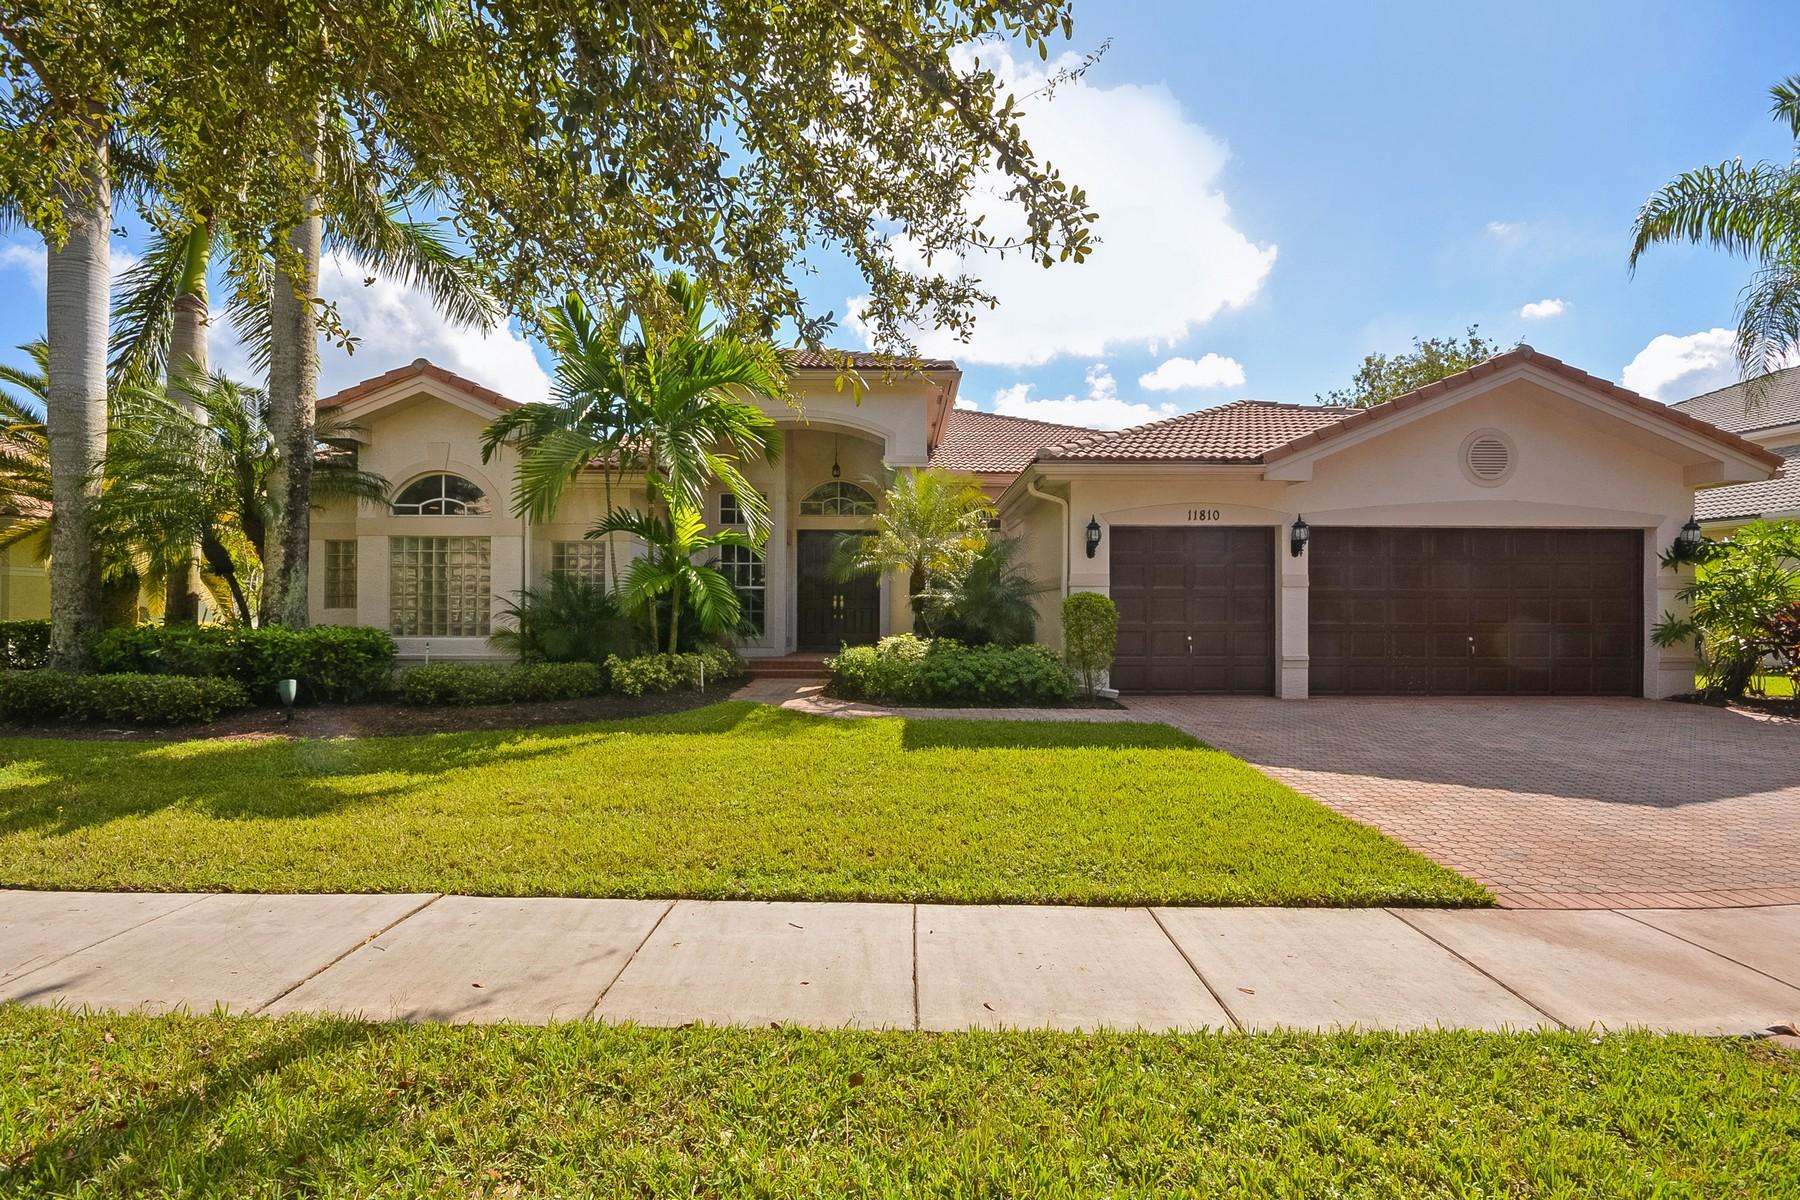 Maison unifamiliale pour l Vente à 11810 Bayfield Dr , Boca Raton, FL 33498 11810 Bayfield Dr Boca Raton, Florida 33498 États-Unis